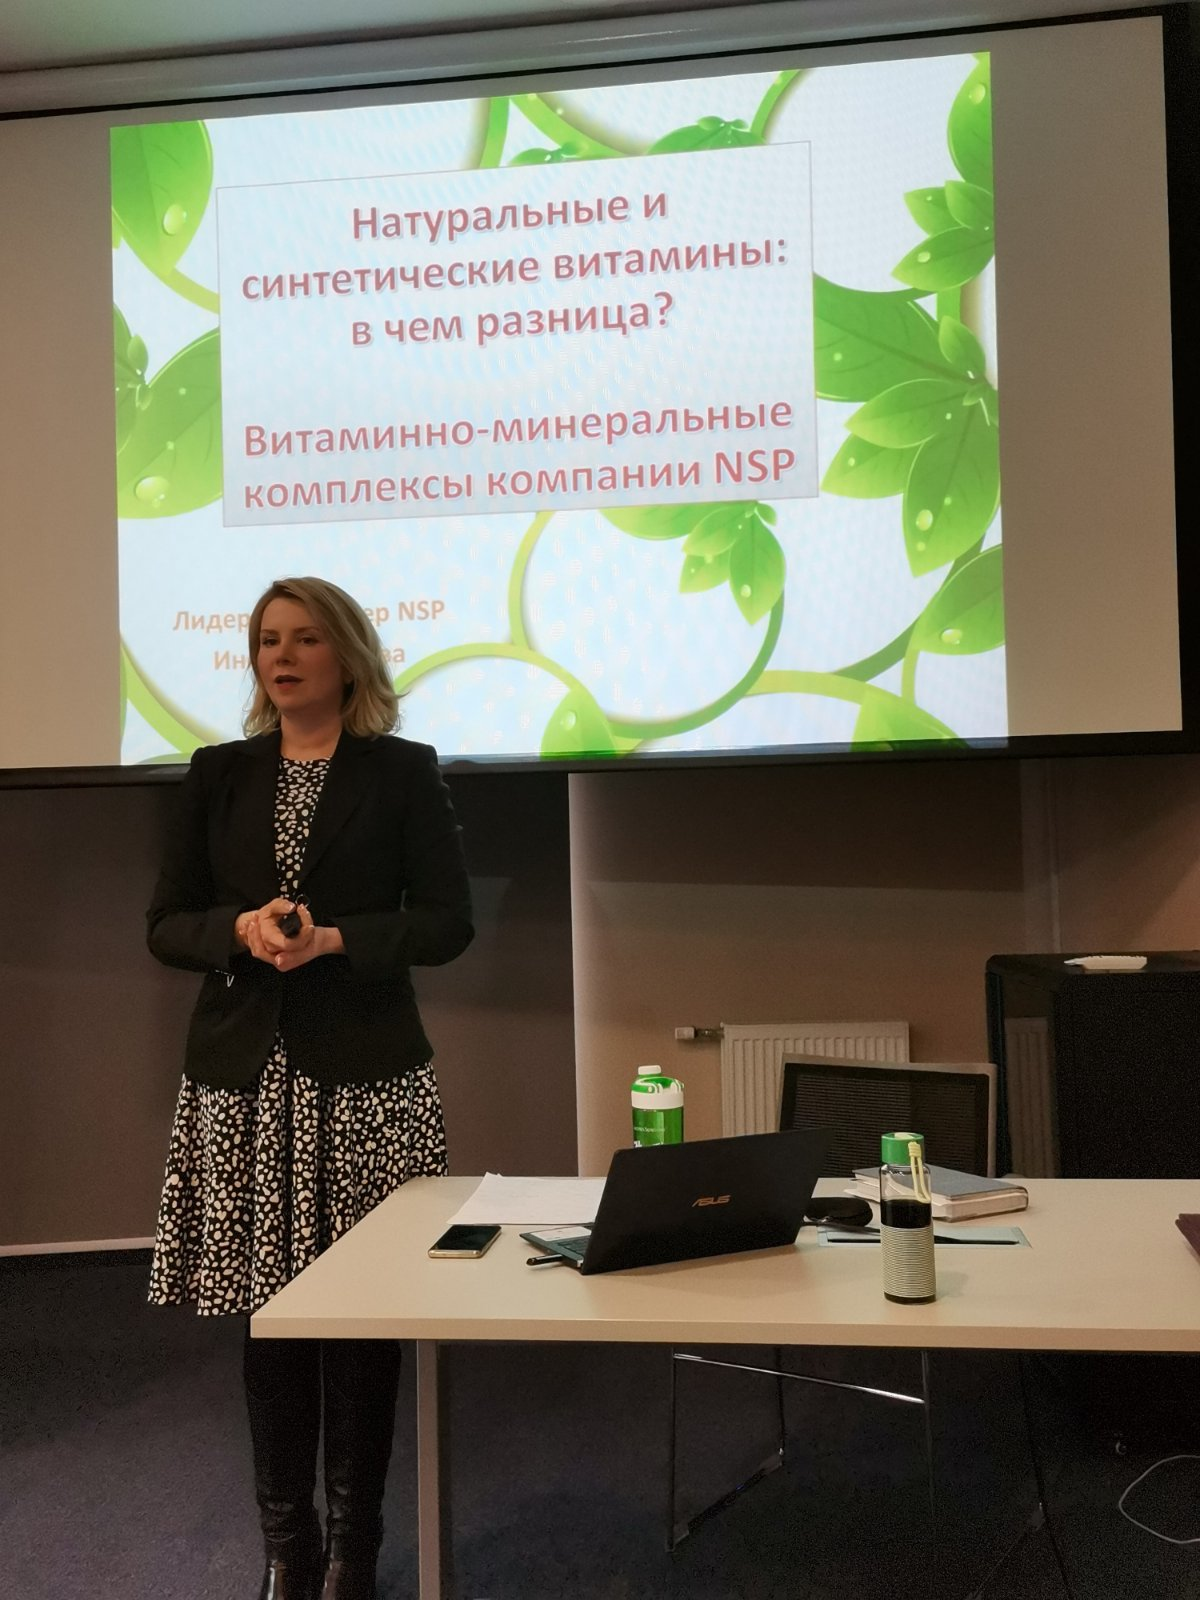 Инесса Козлова